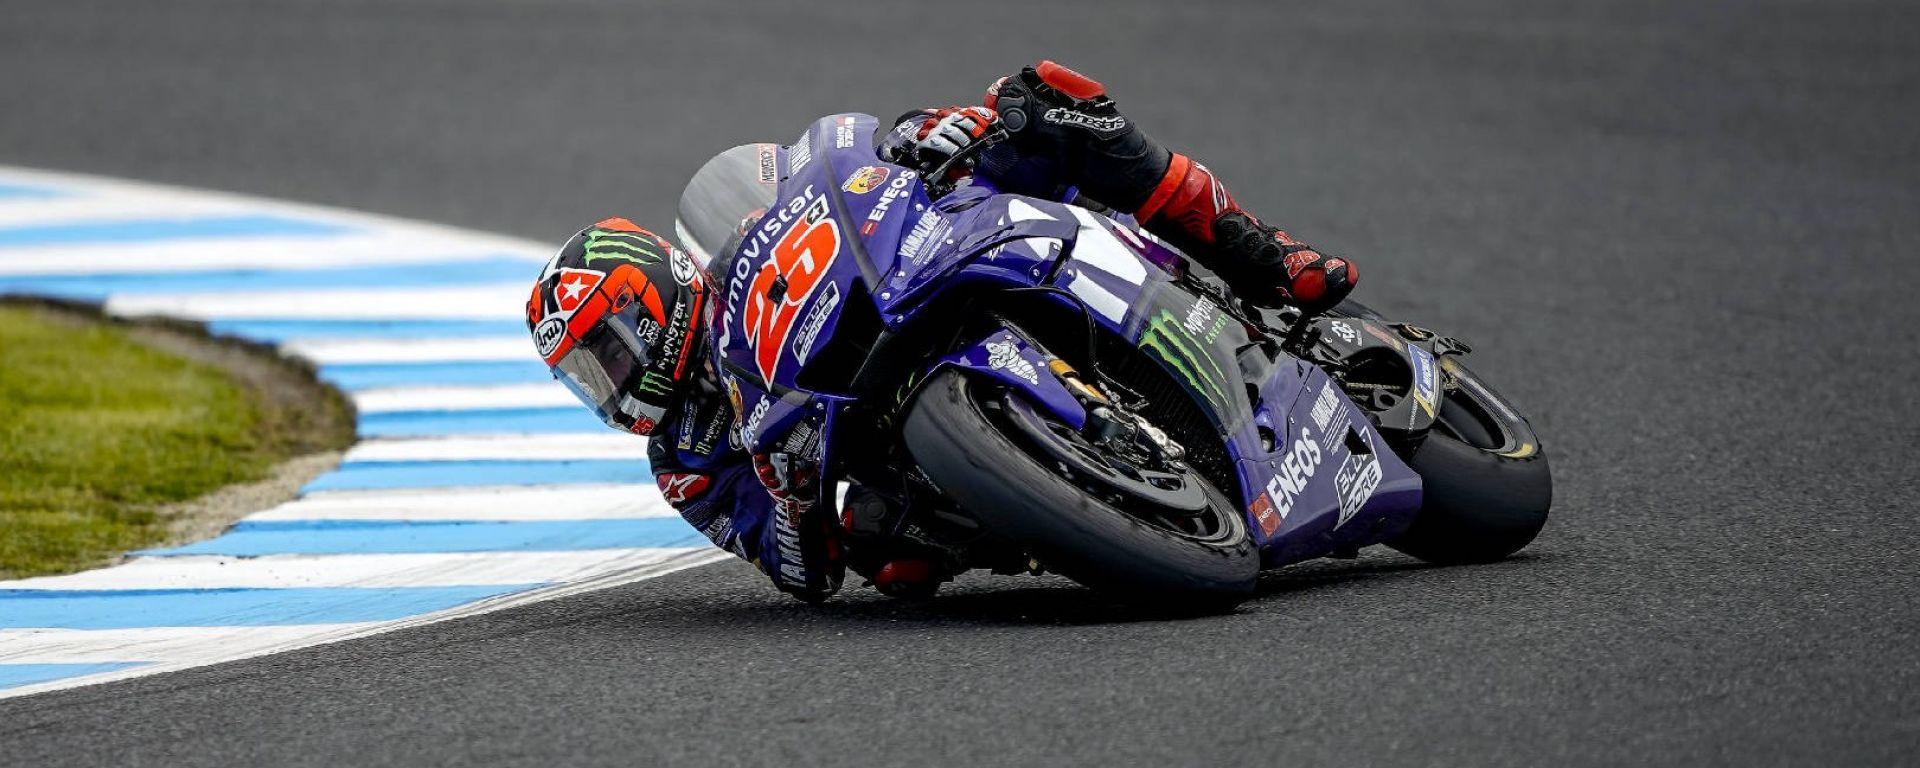 MotoGP Australia 2018: Vinales vince davanti a Iannone e Dovizioso